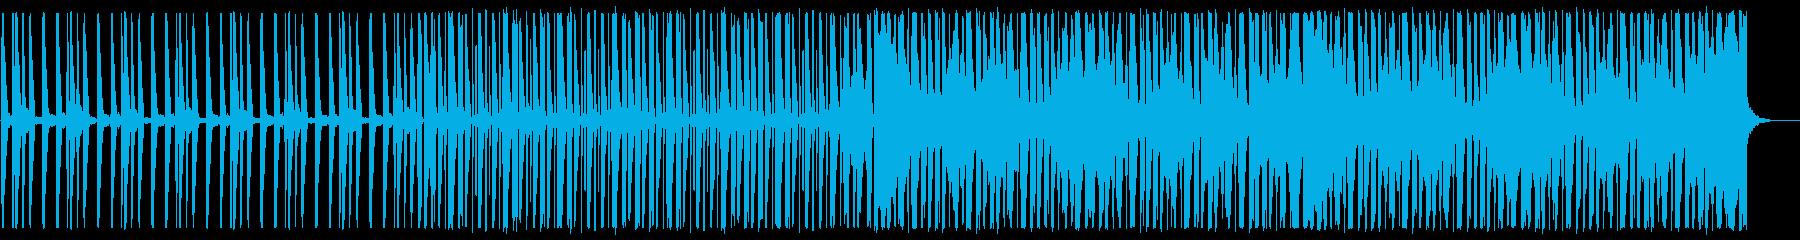 涼しげなディープハウス_No615_2の再生済みの波形